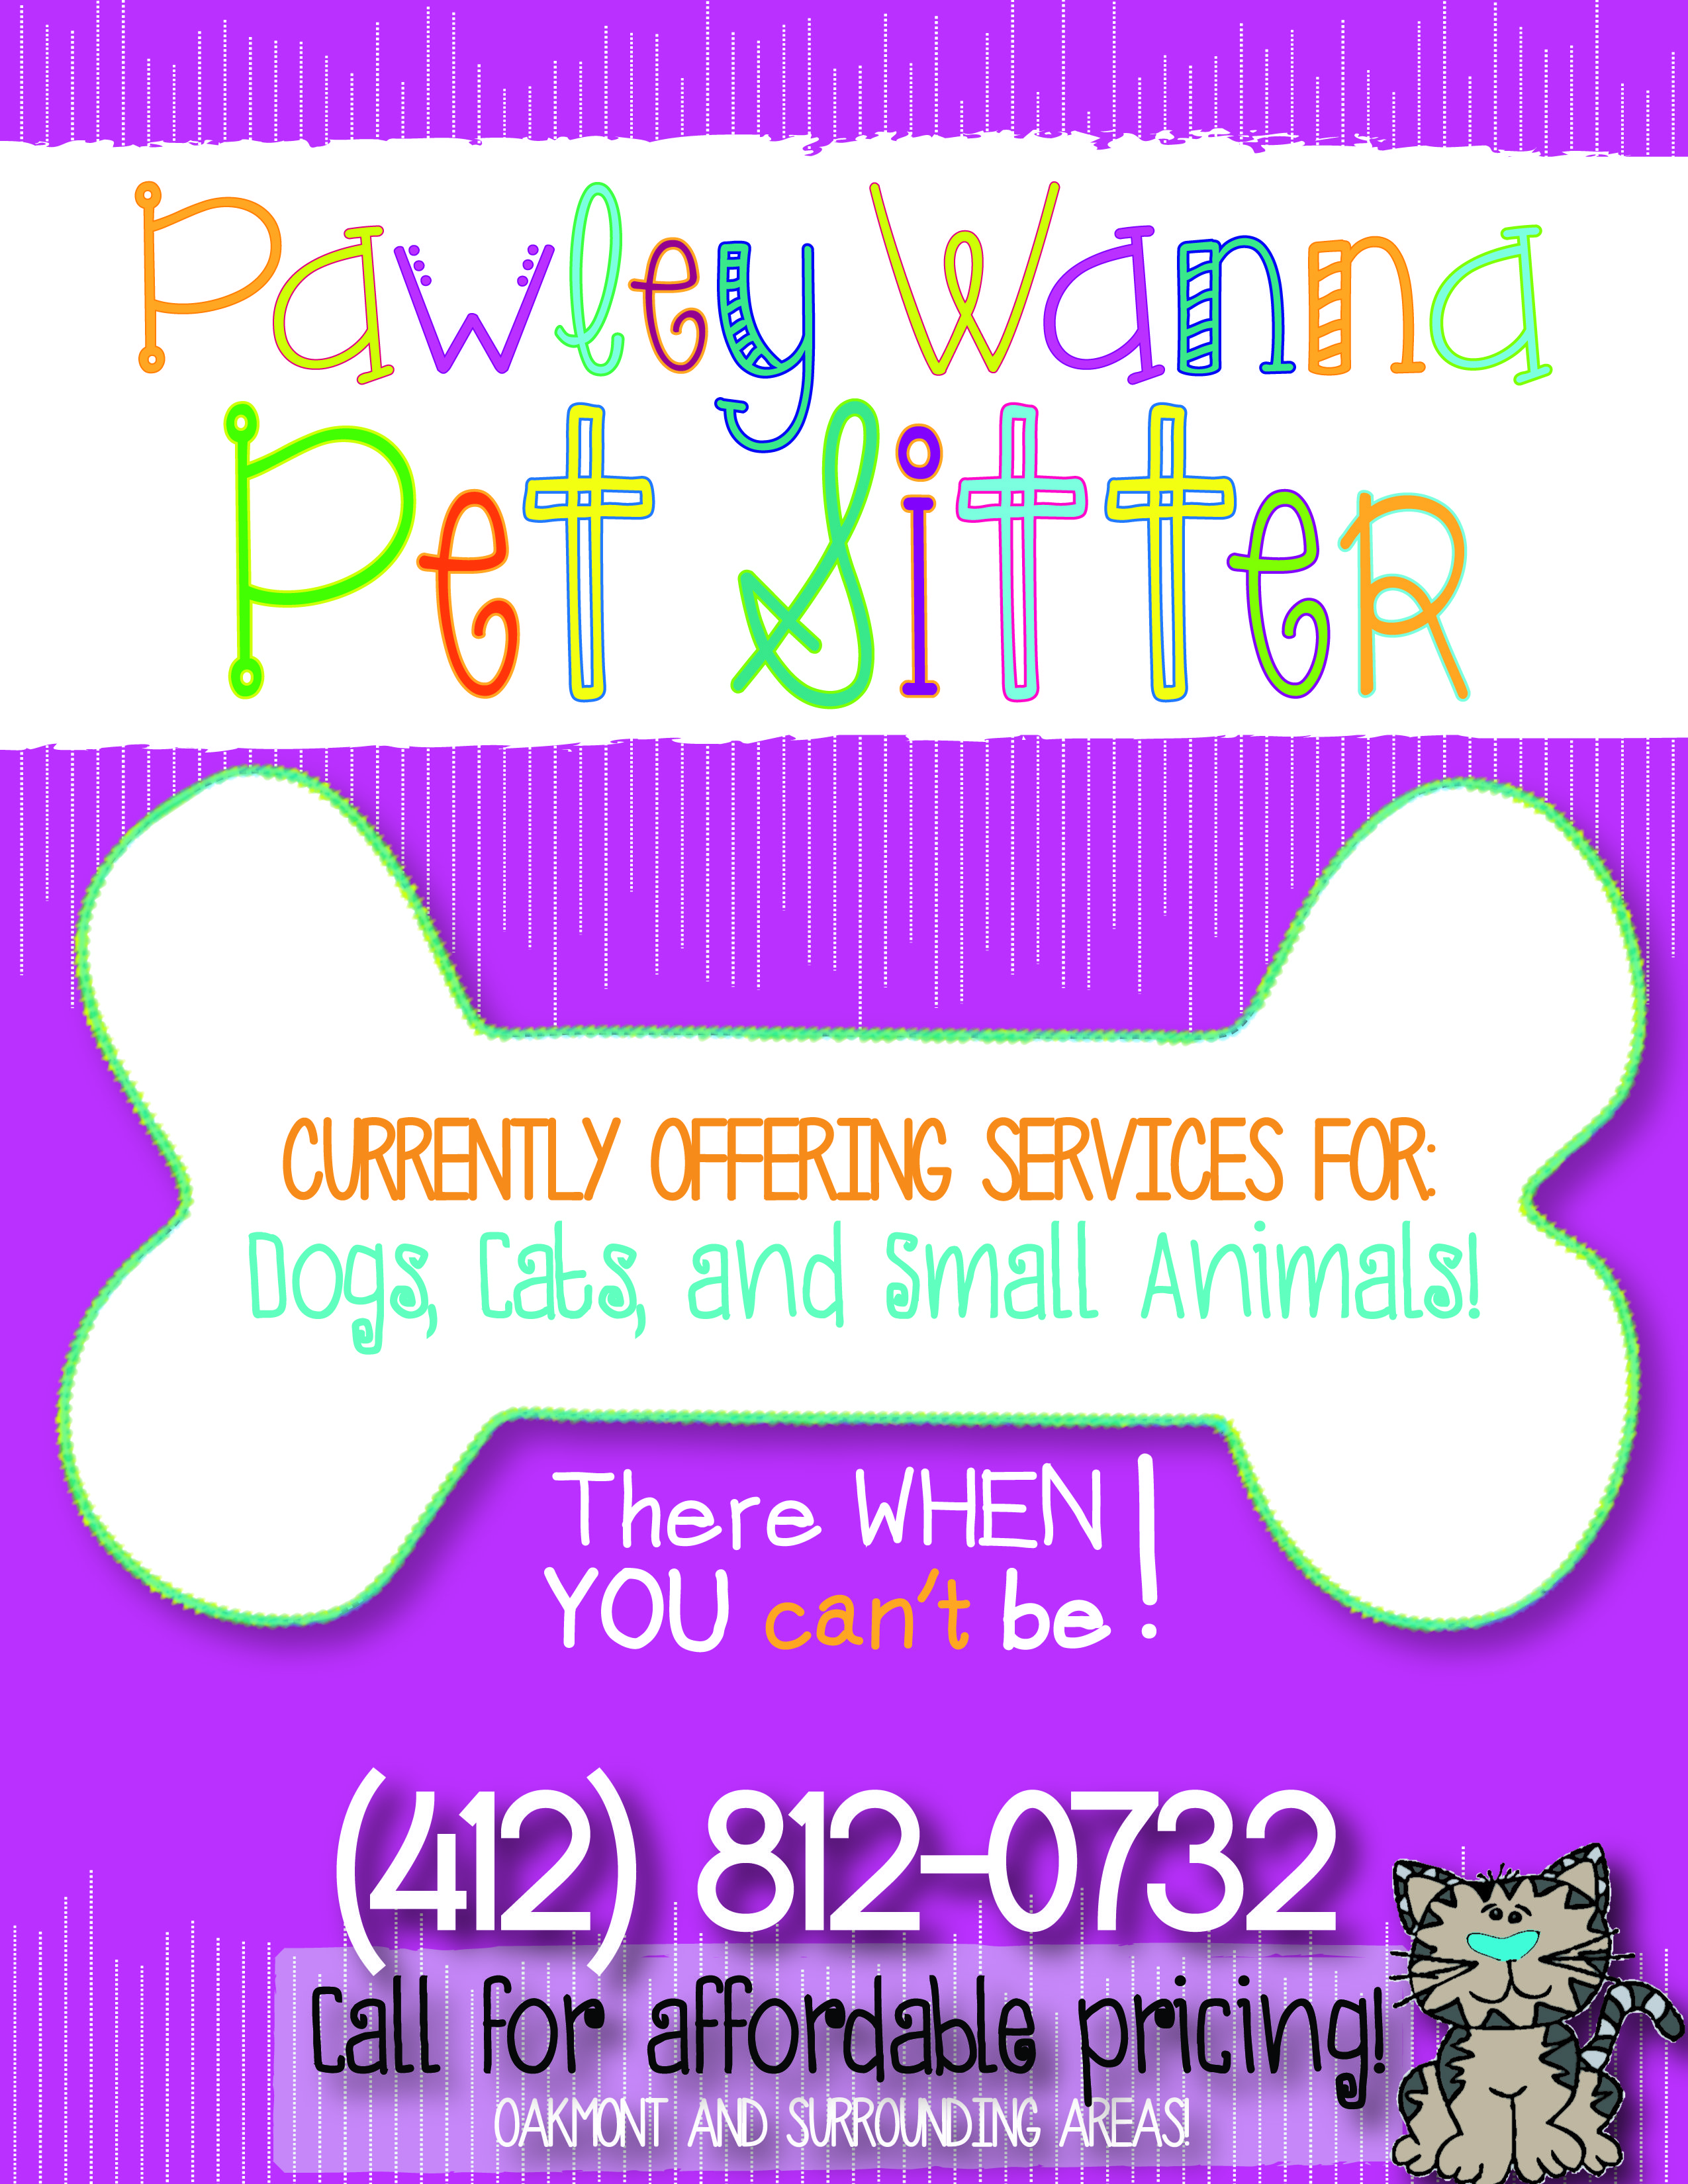 custom pet sitting flyers on etsy wwwetsycomshopwordstoart